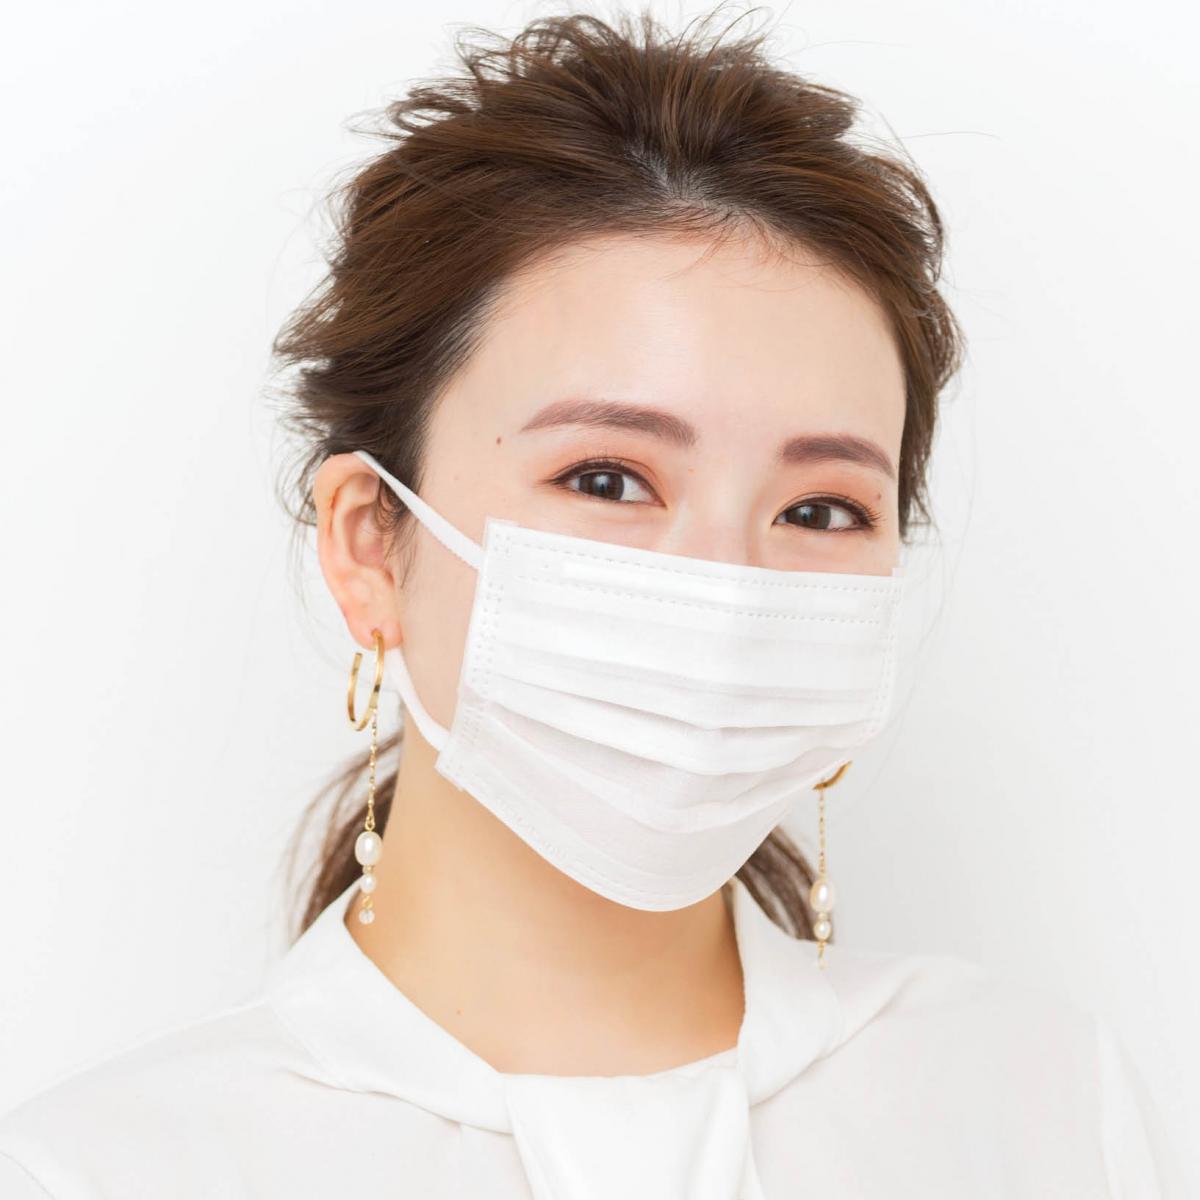 マスクの下は美人顔!? ¥1200以下のプチプラコスメで上品盛りメイク